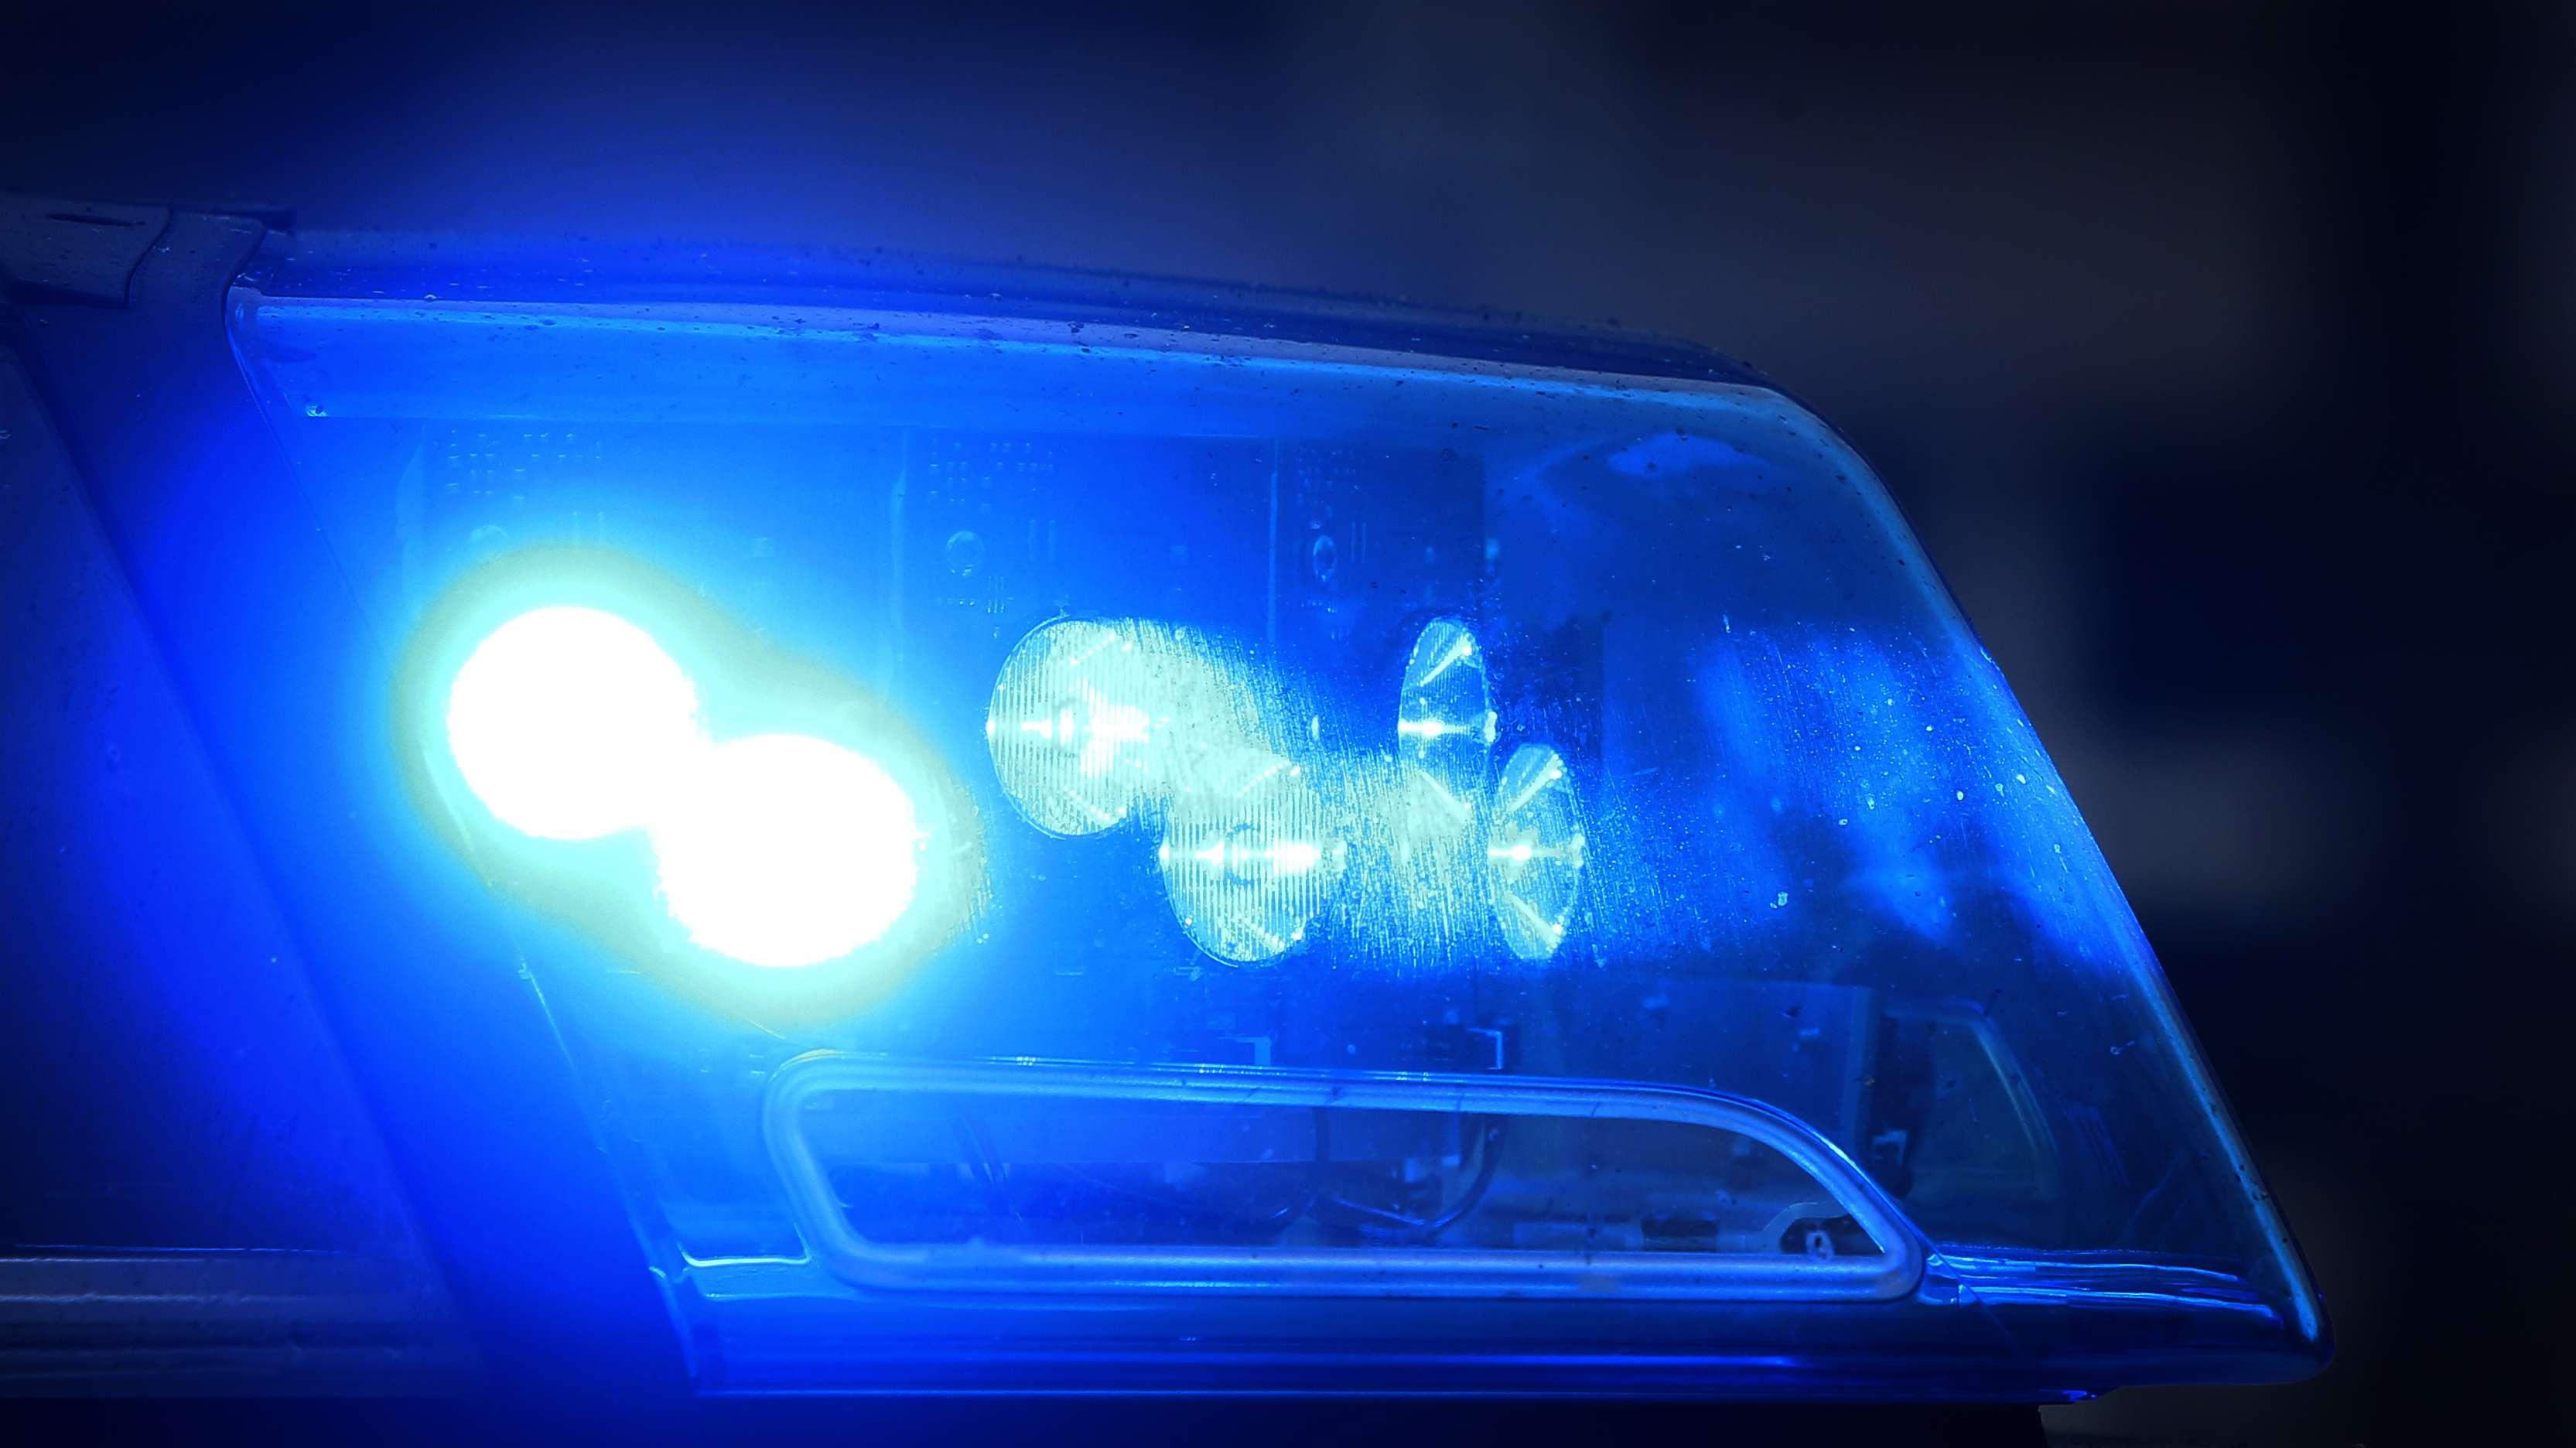 Blaulicht auf Fahrzeug der Polizei in Bayern (Archivbild)